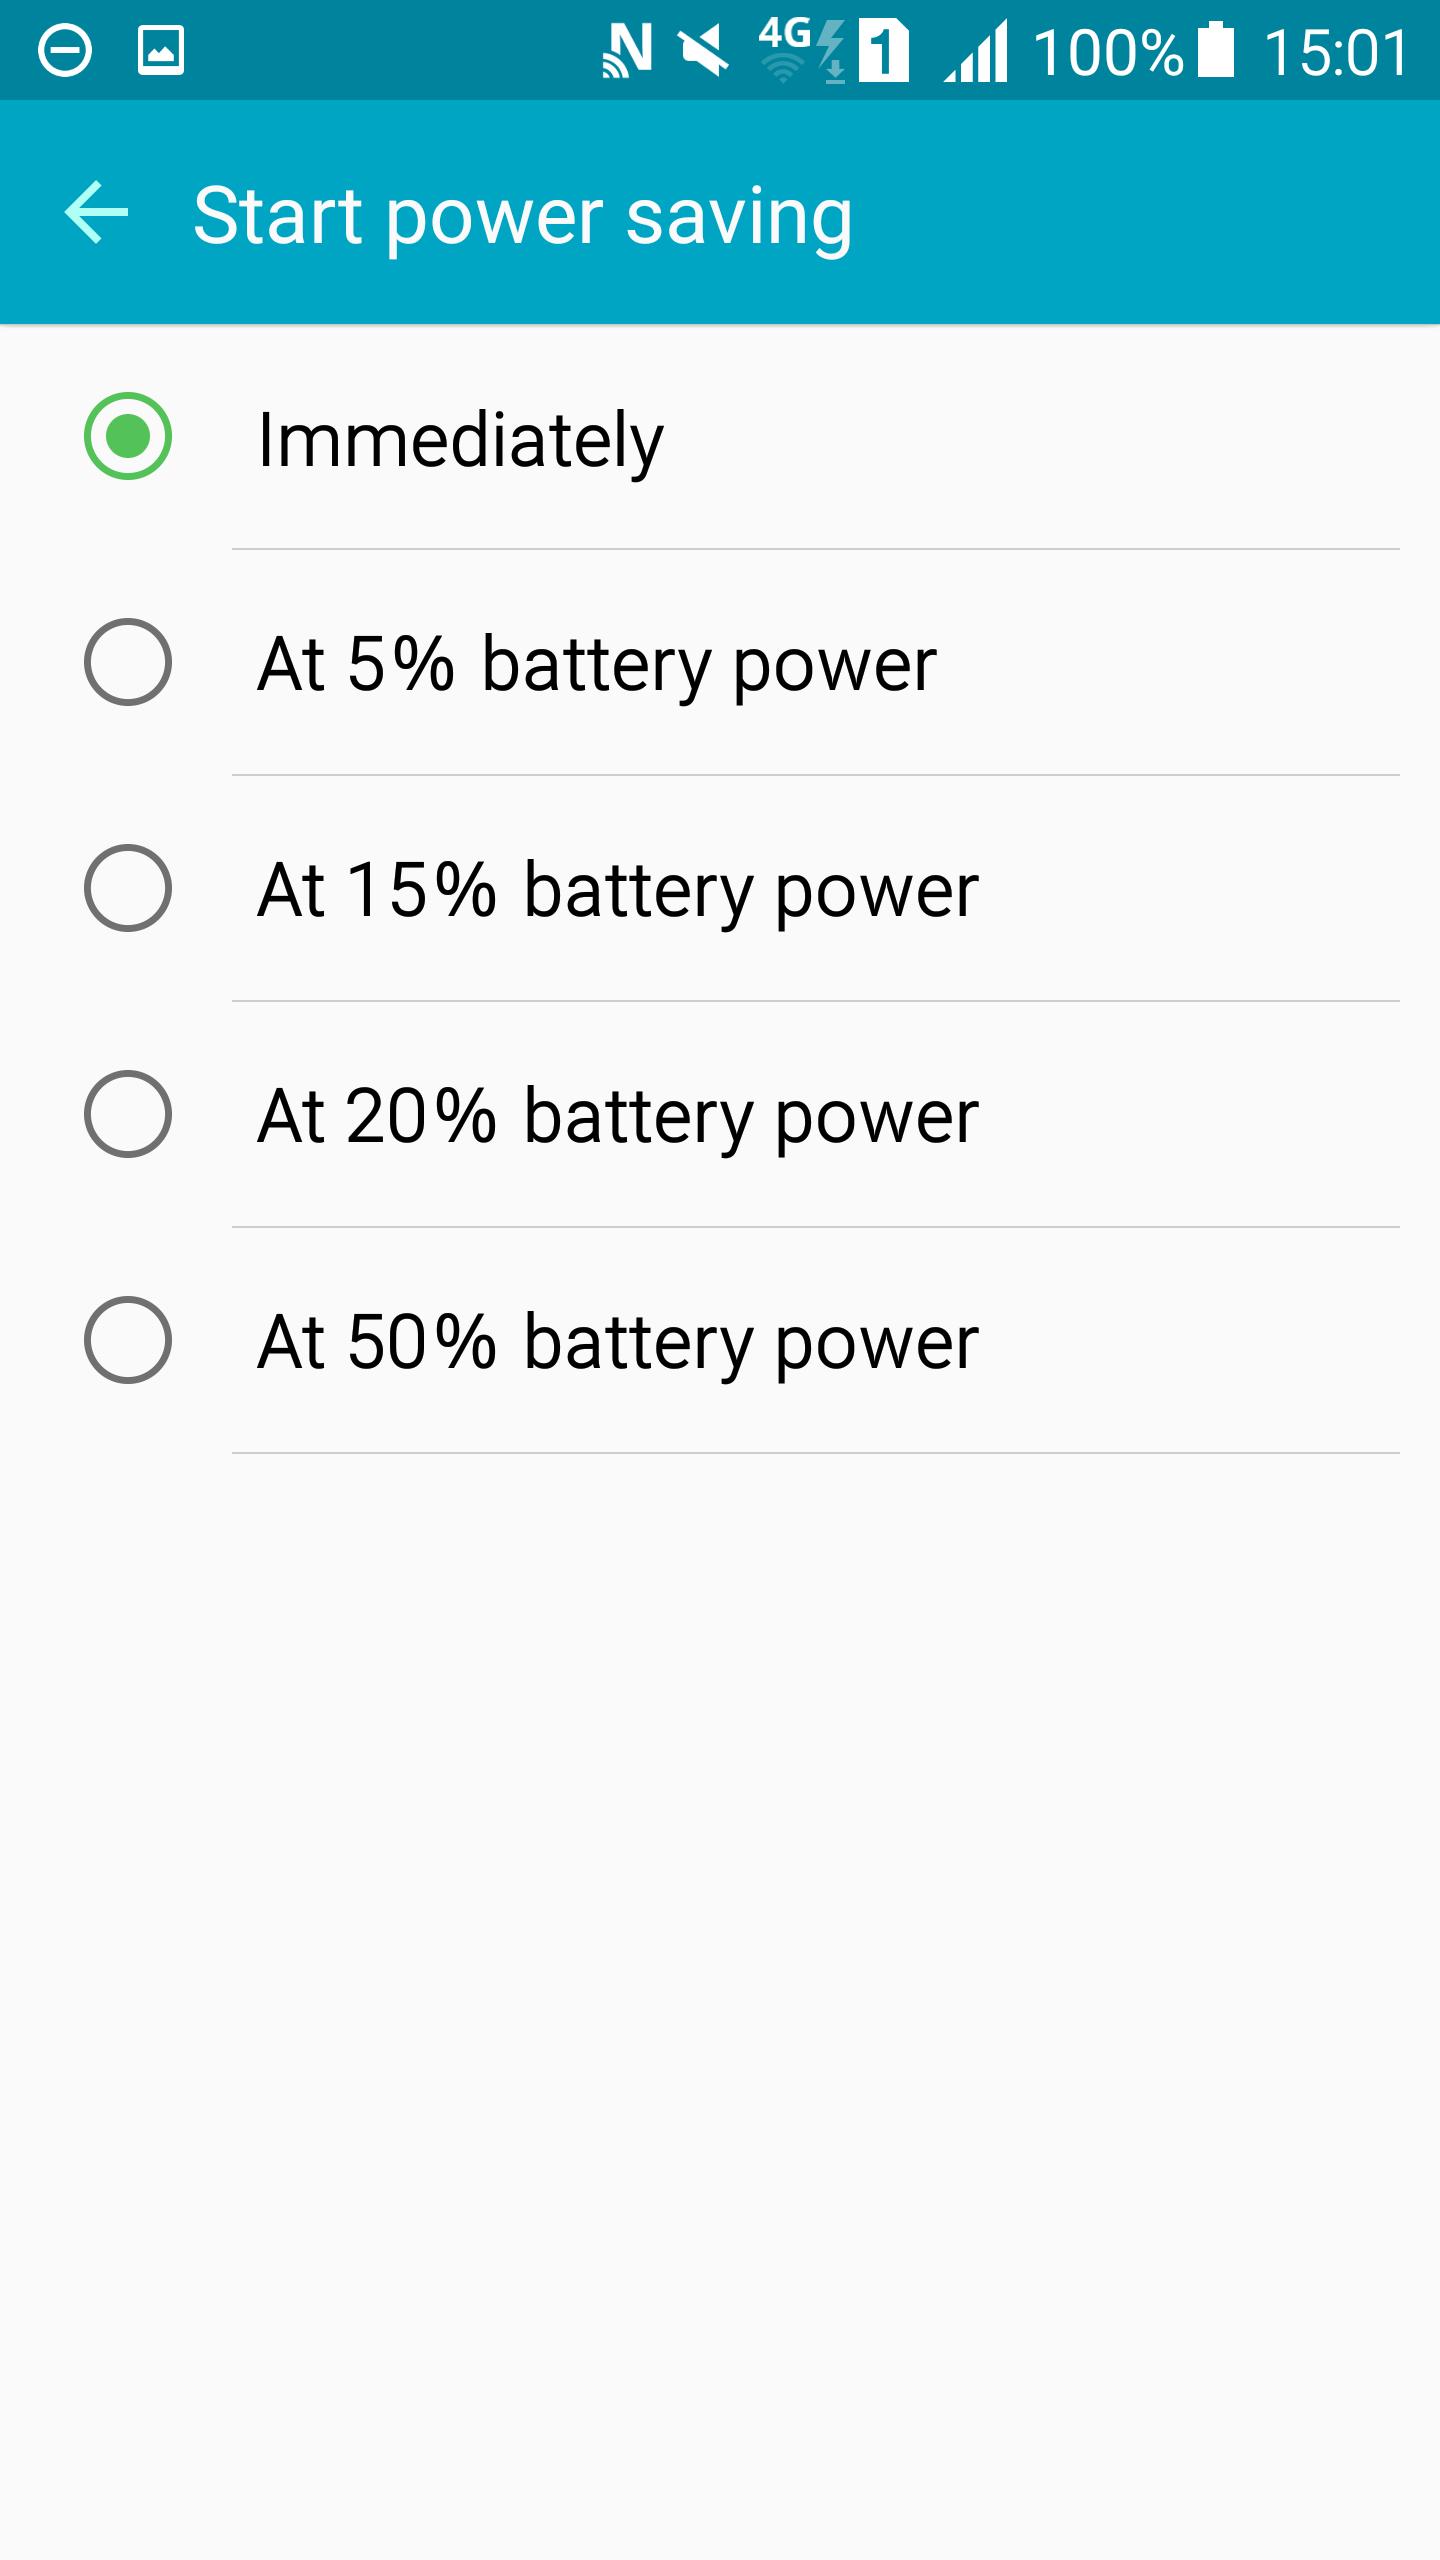 Start power saving time